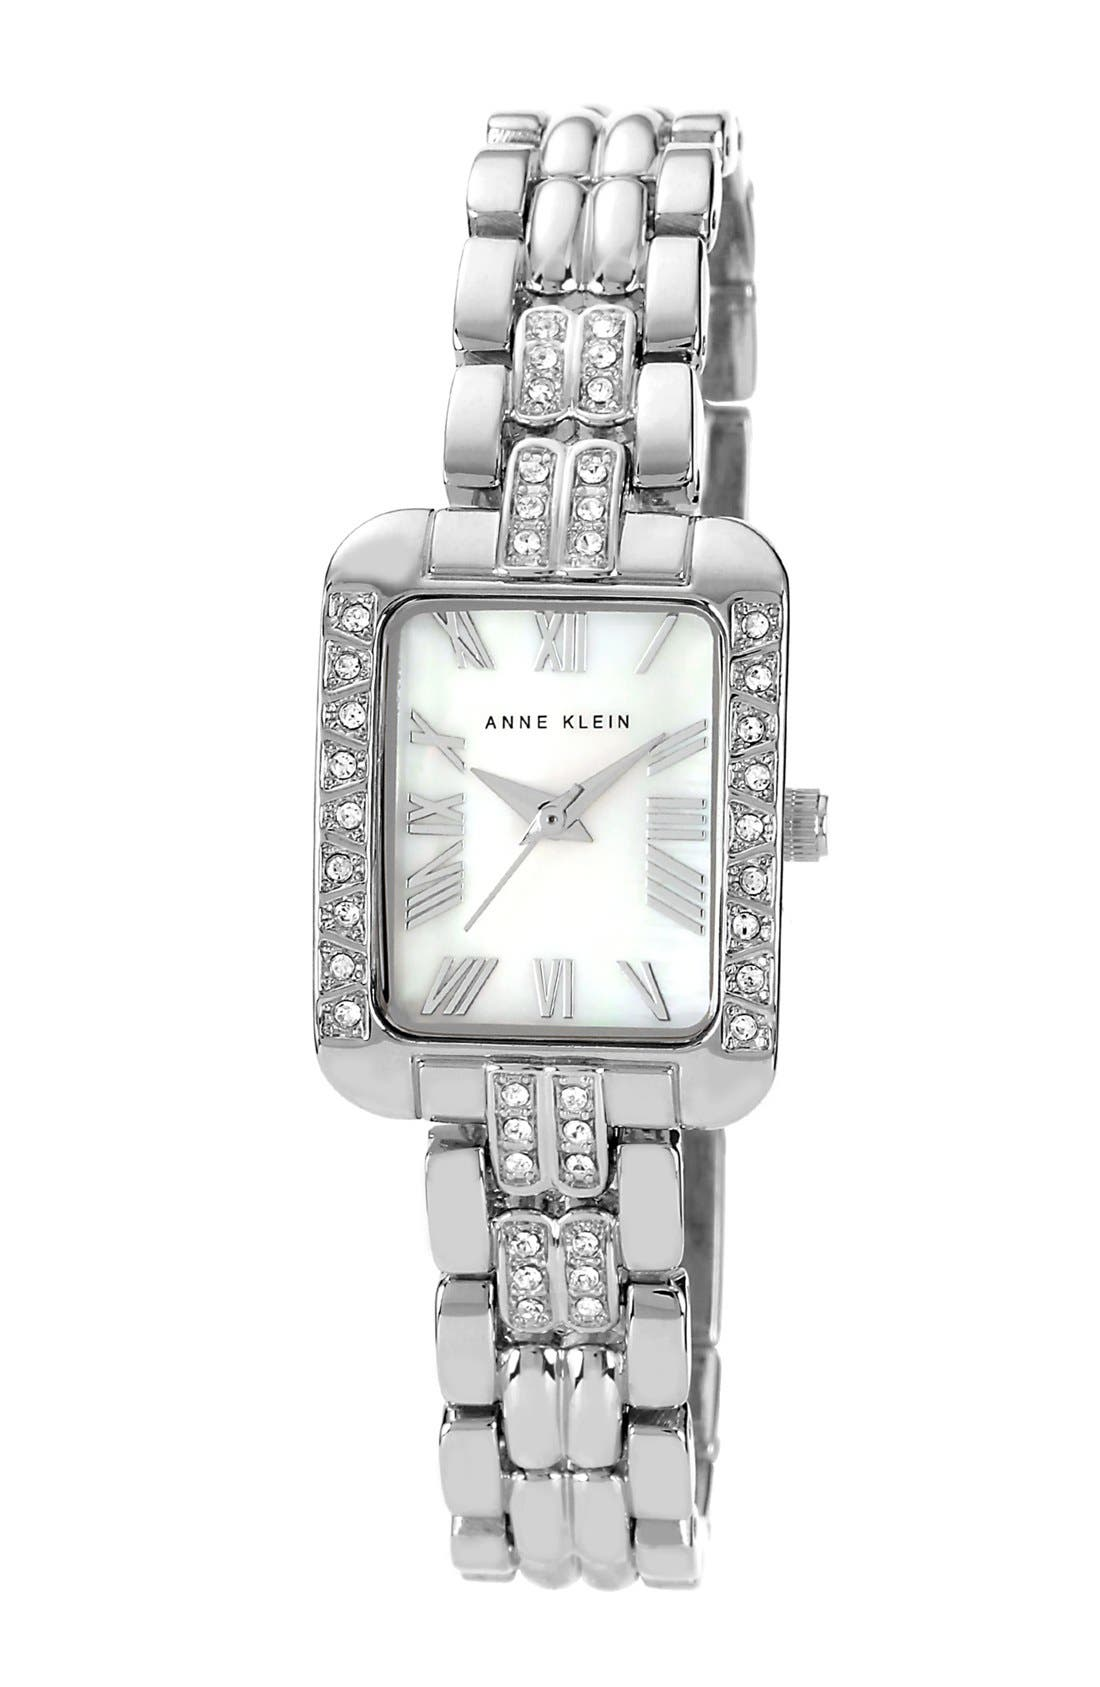 Main Image - Anne Klein Rectangular Case Bracelet Watch, 22mm x 28mm